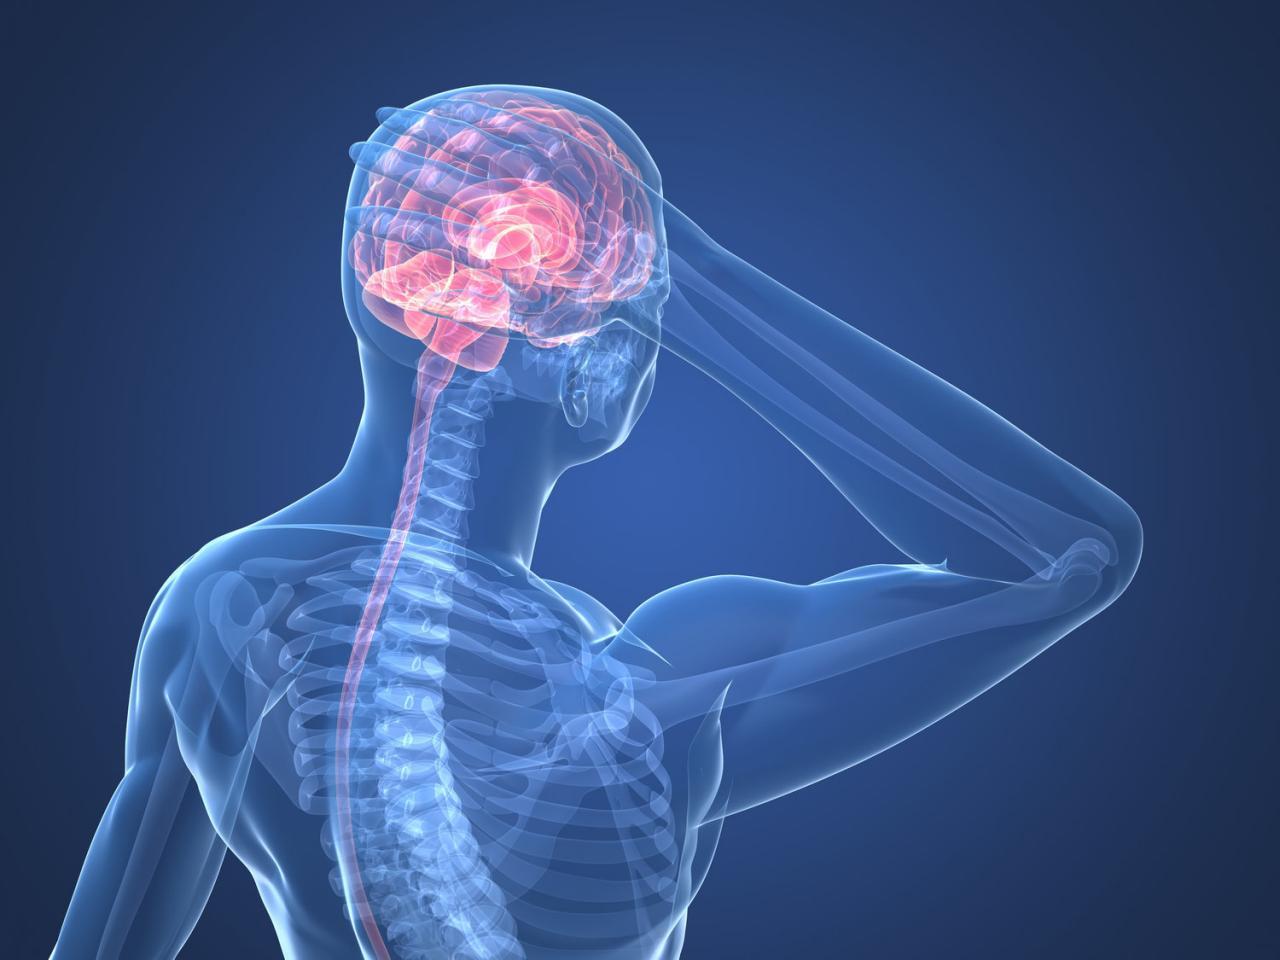 صورة اسباب الصداع من خلف الراس , تفسير الاصابة بالصداع الخلفي في الراس